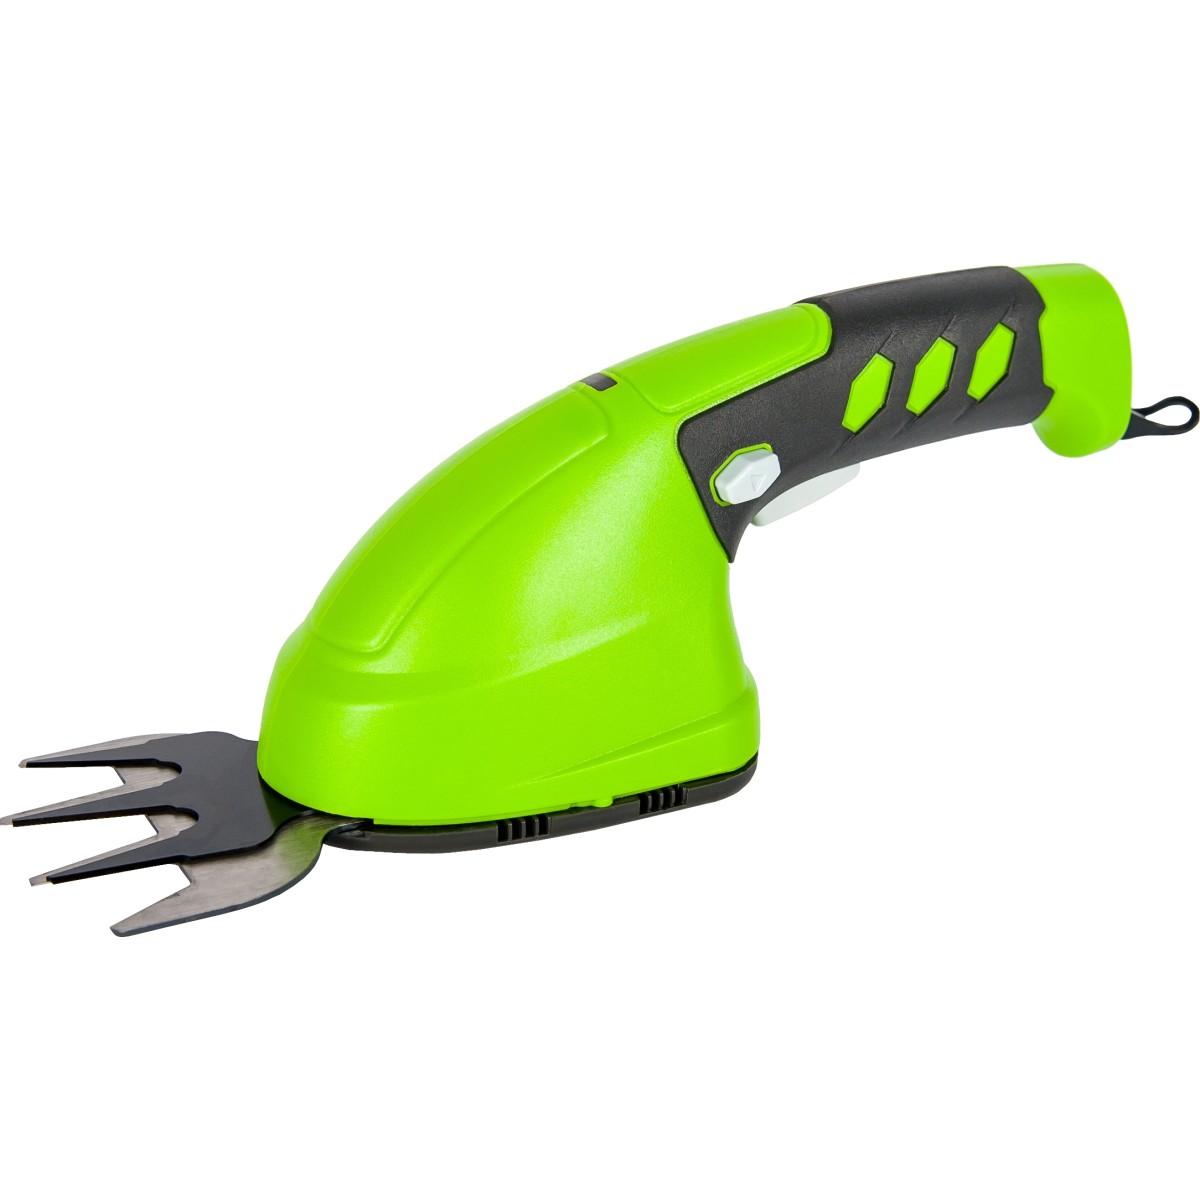 Ножницы садовые аккумуляторные 7.2 В